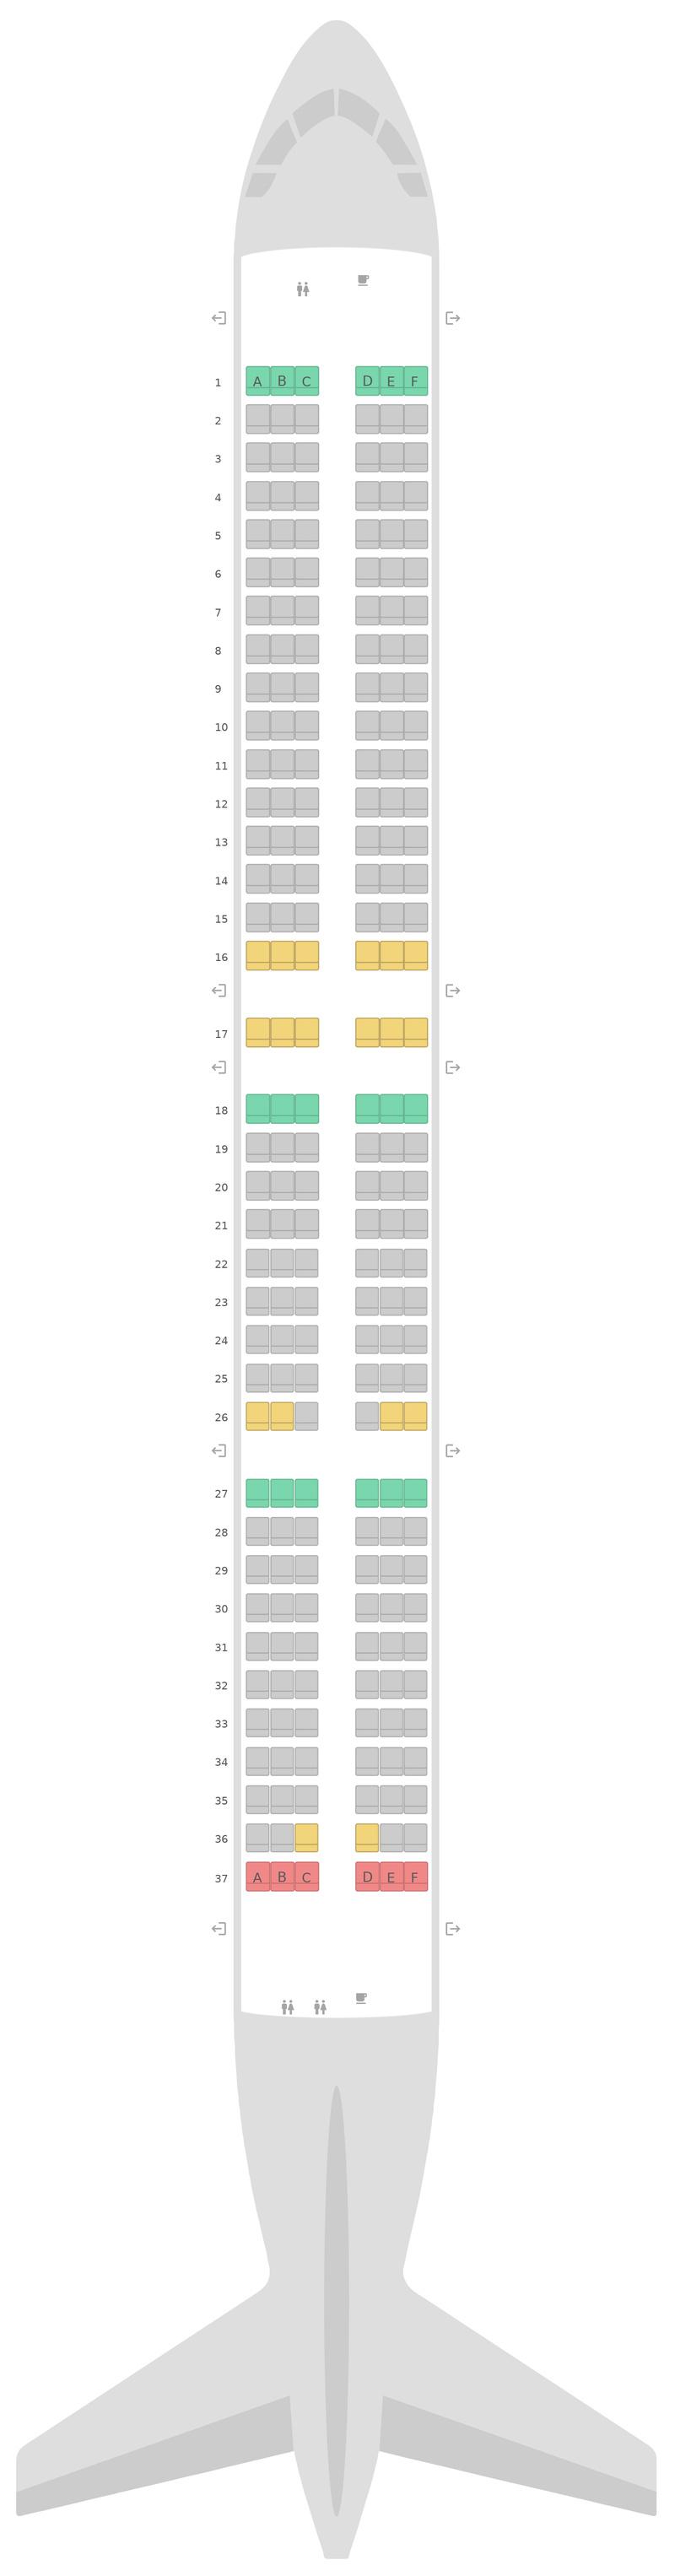 Mapa de asientos Airbus A321neo IndiGo